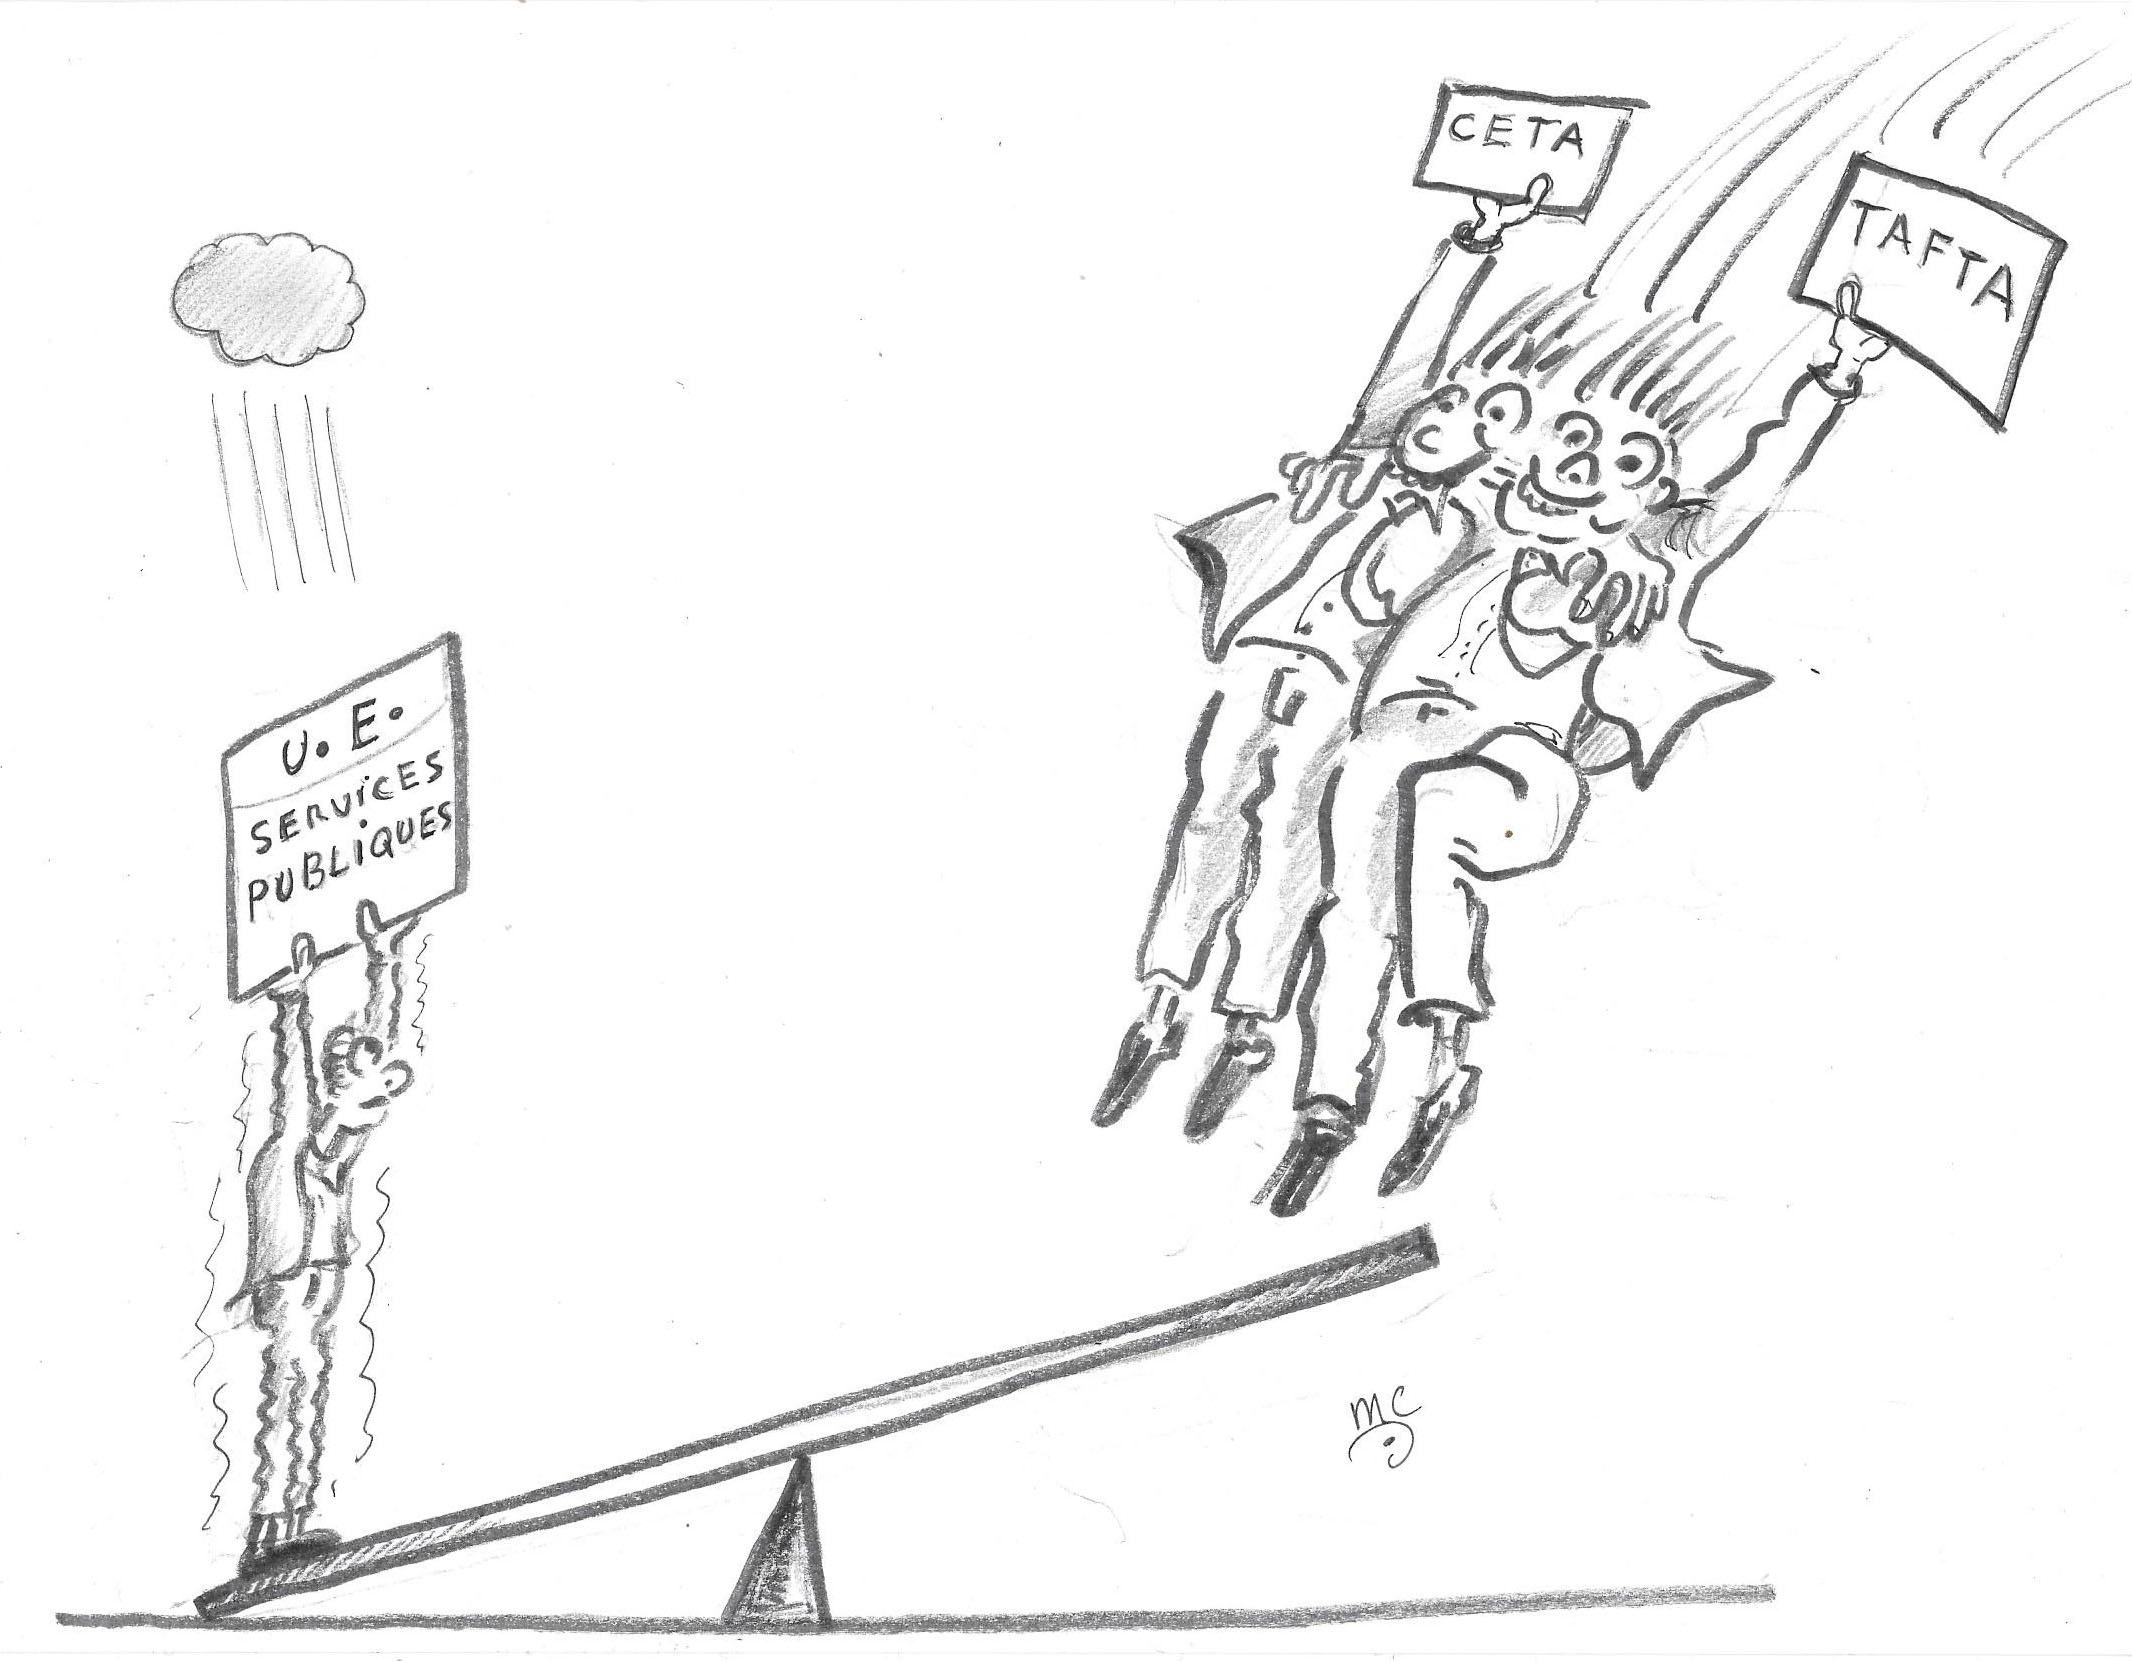 Services publics locaux. Quels modes de gestion ? Quelles menaces ?